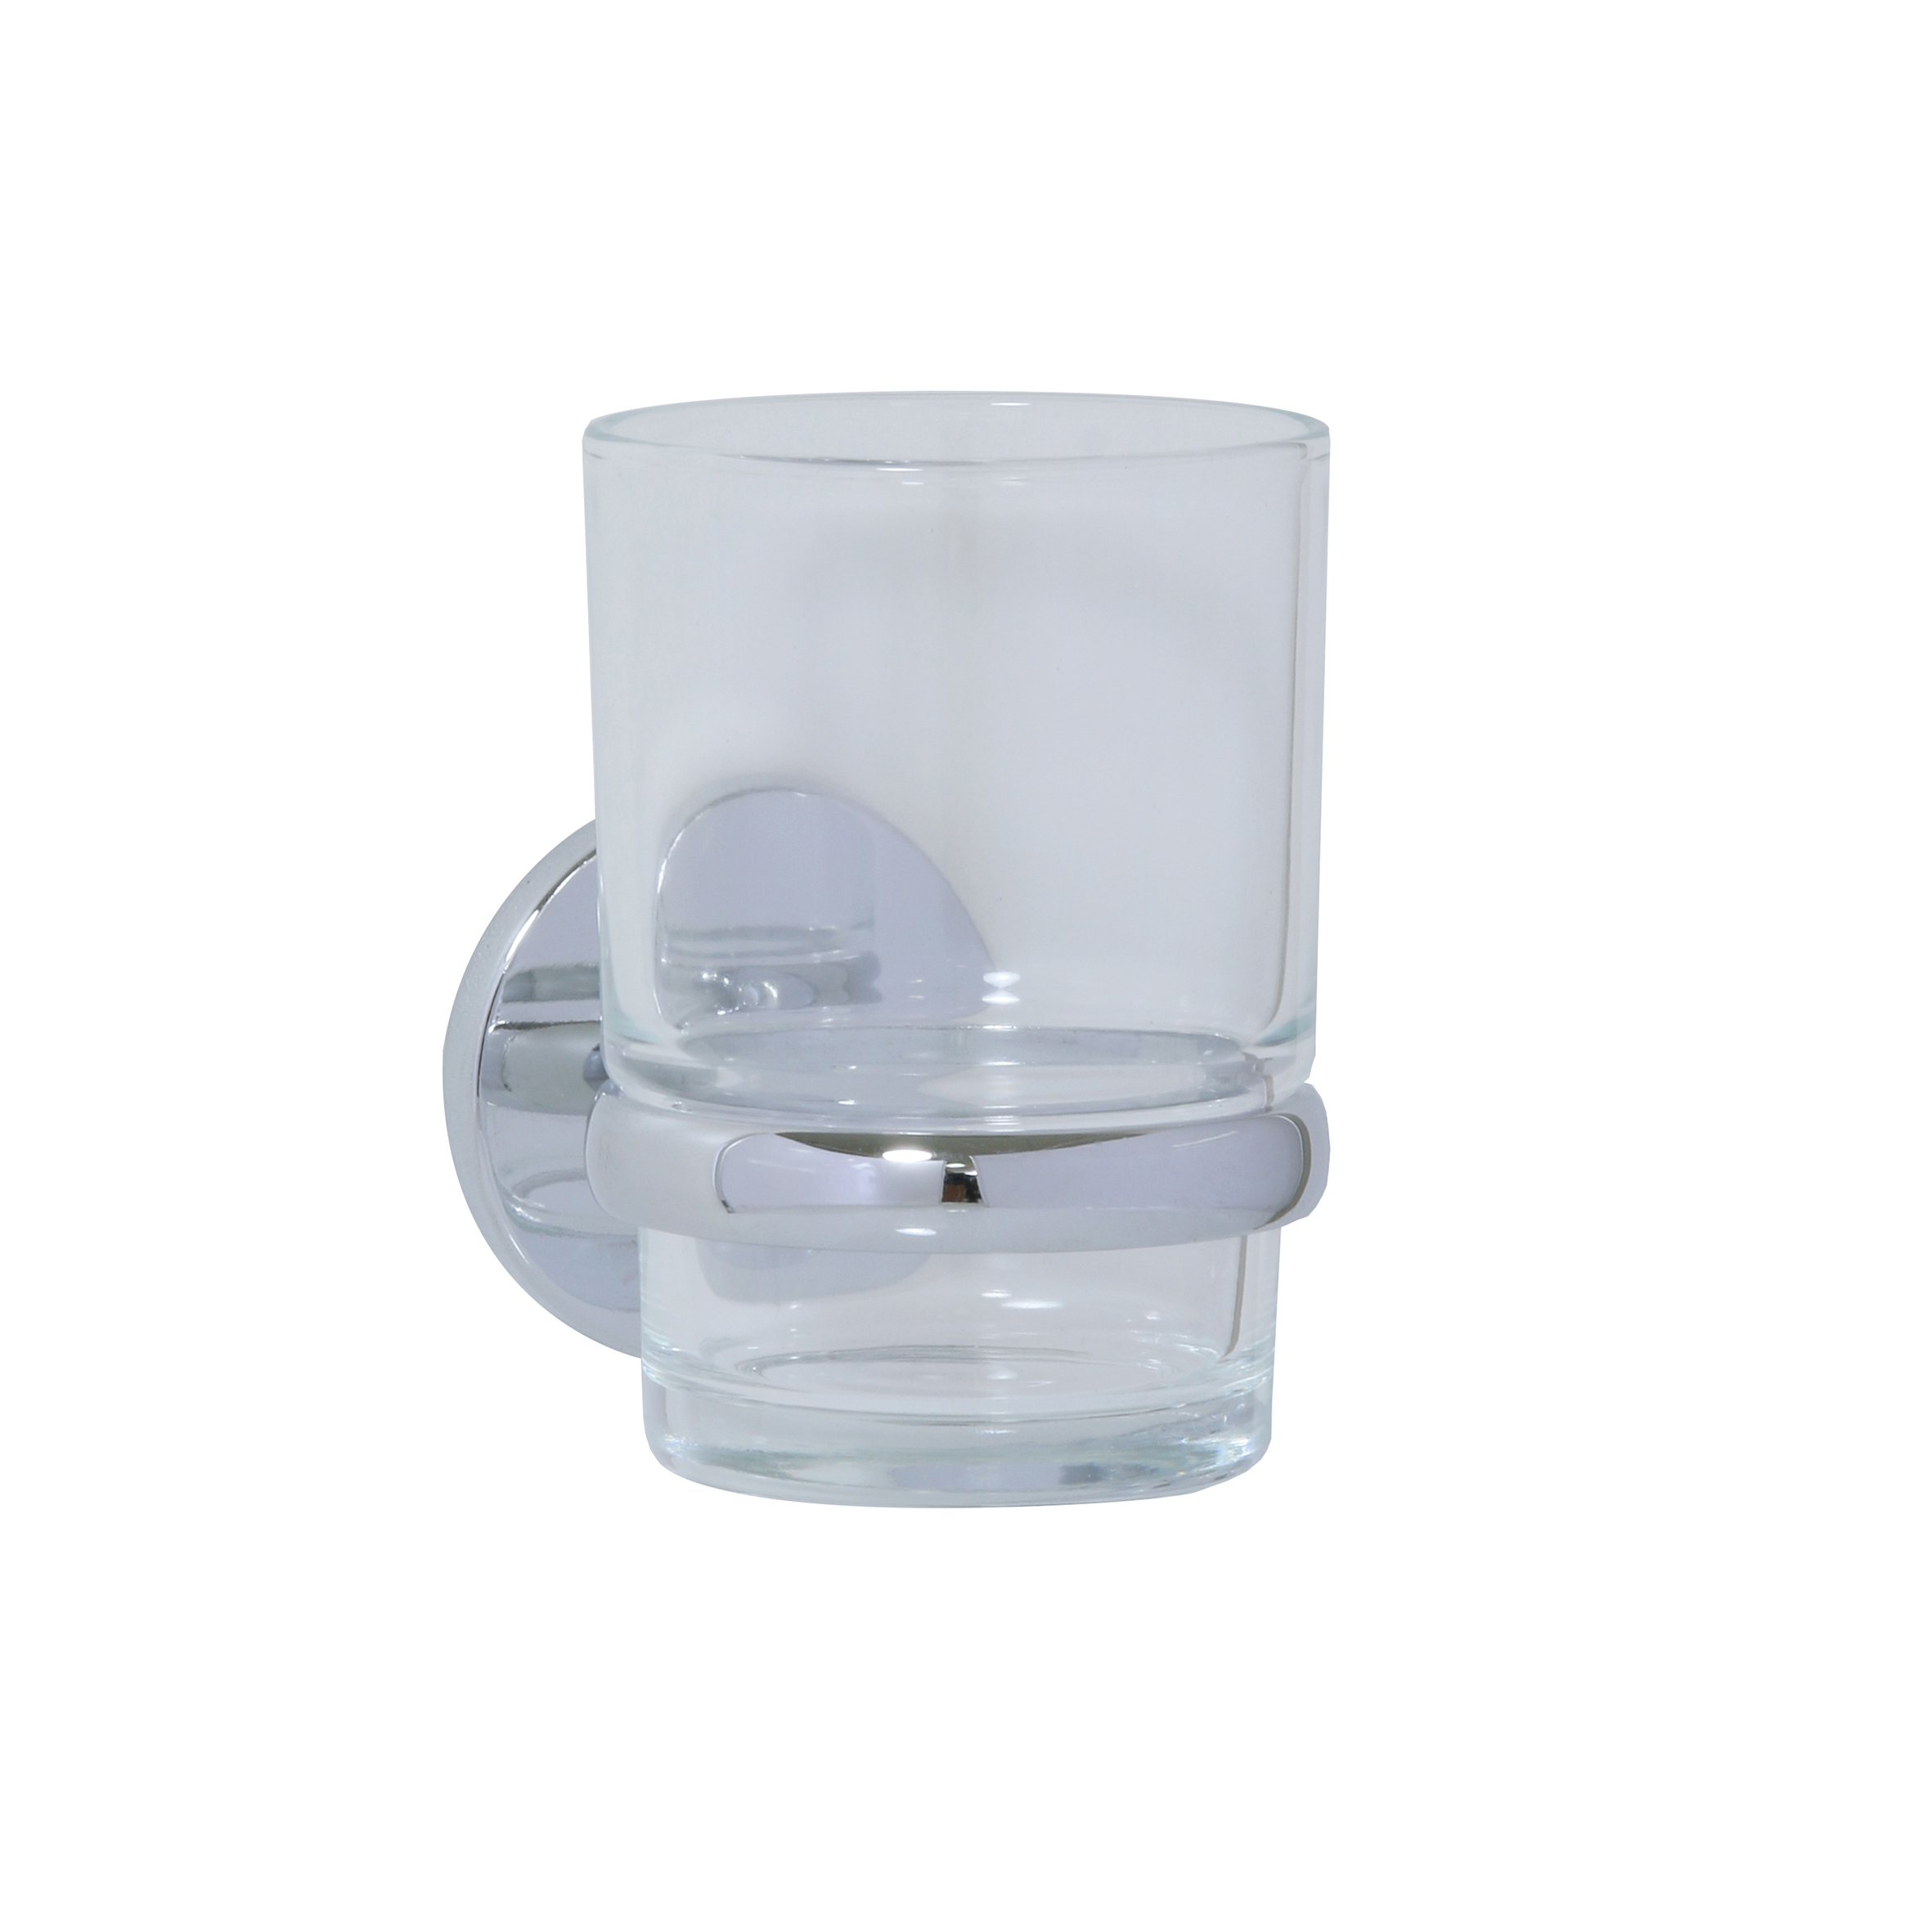 Стакан для ванной Axentia Capri, настенный, цвет: хром, белыйPARADIS I 75013-1W ANTIQUEСтакан для ванной настенный, скрытое крепление на шурупах, в комплекте. Изготовлена из матового стекла и стали с качественным хромированным покрытием, которое на долго защитит изделие от ржавчины в условиях высокой влажности в ванной комнате. Отлично сочетается с другими аксессуарами из коллекции Capri.